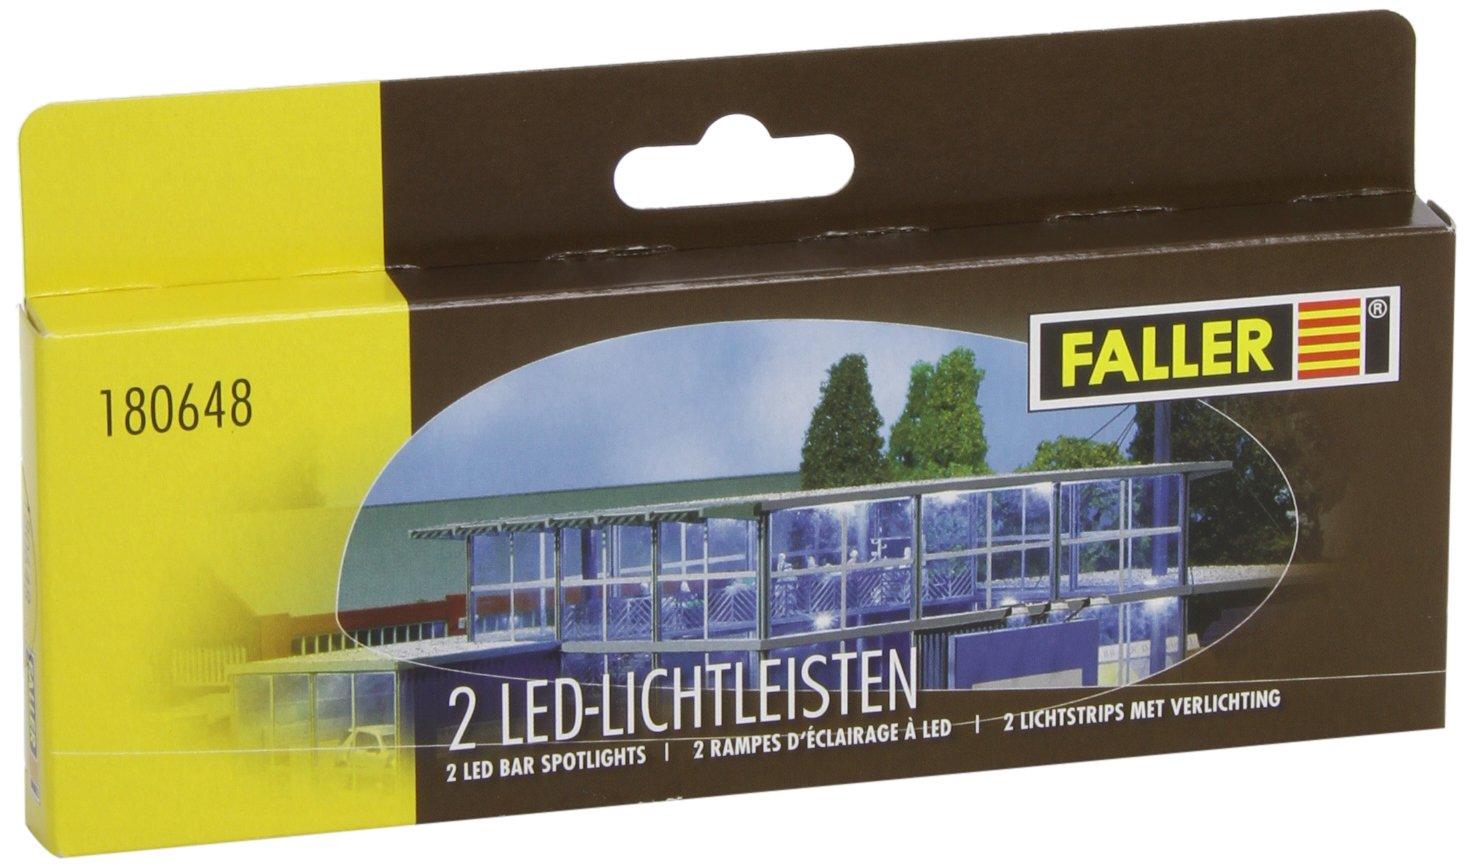 FALLER 180648 - 2 LED-Lichtleisten: Amazon.de: Spielzeug